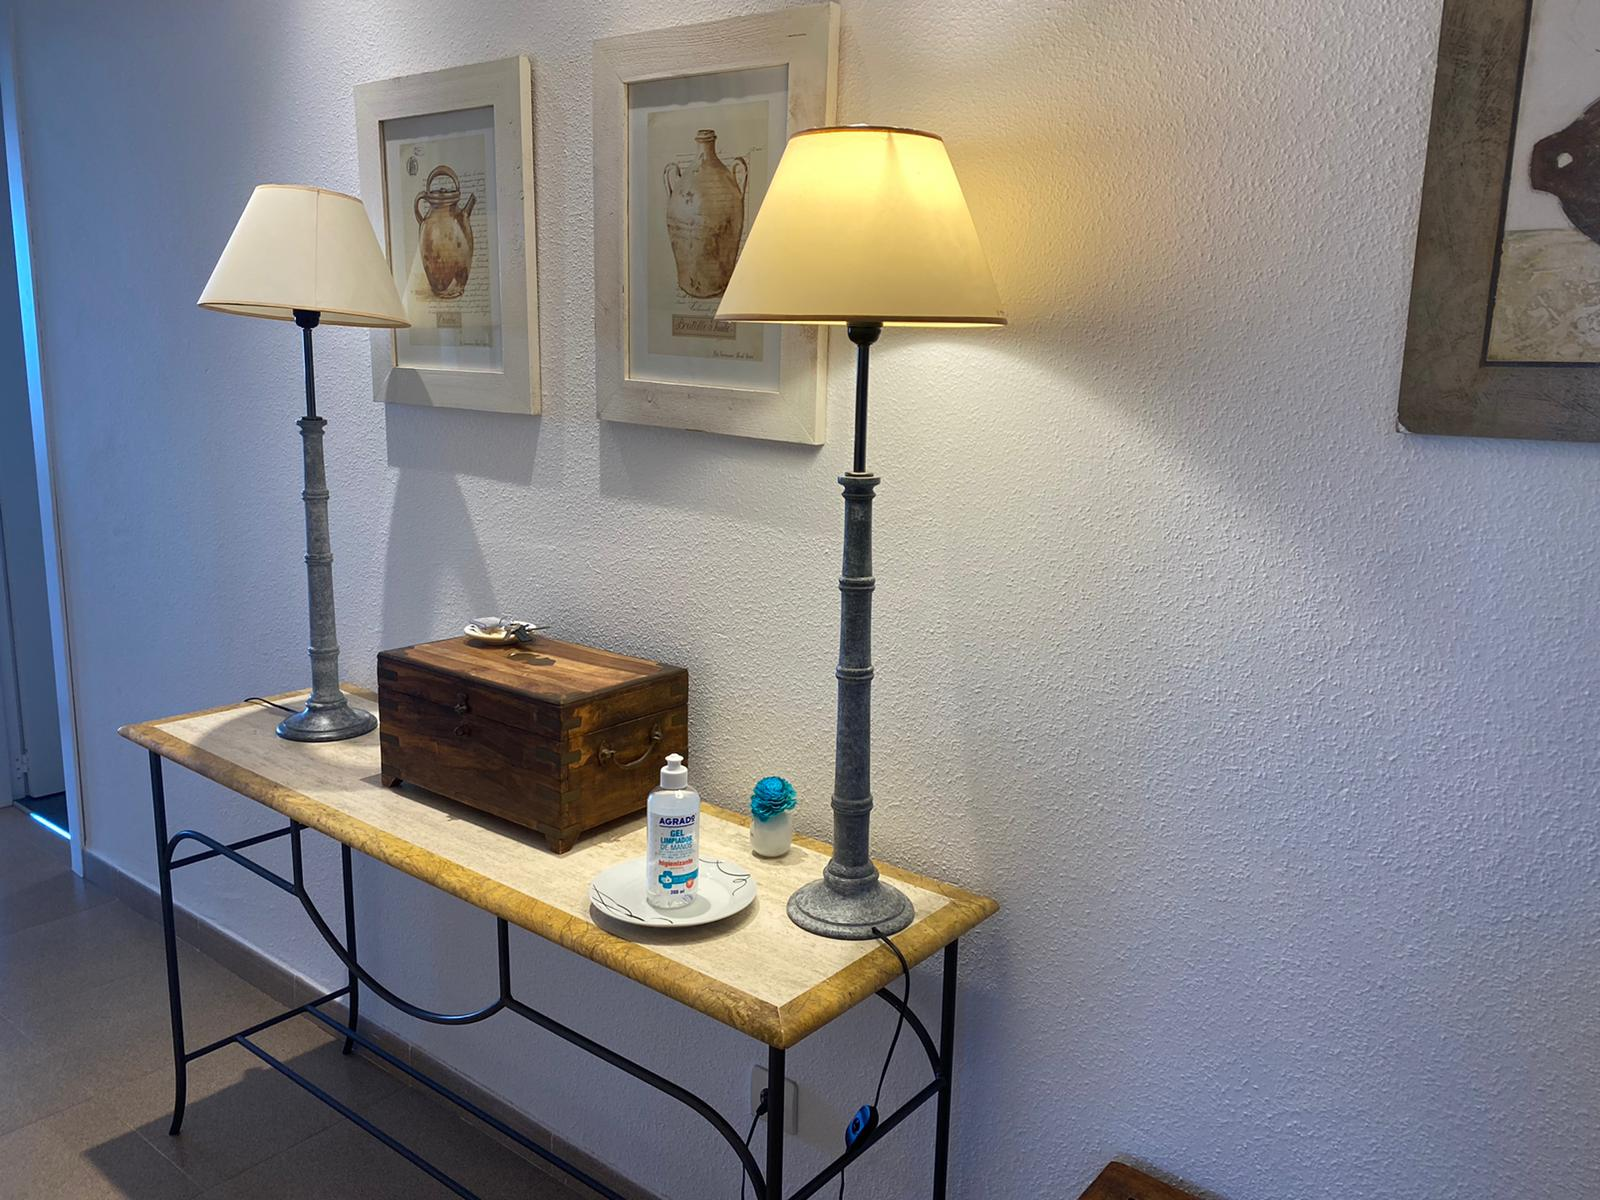 Imagen 16 del Apartamento Turístico, Ático 4 Levante, Frontal (4d+2b), Punta del Moral (HUELVA), Paseo de la Cruz nº22